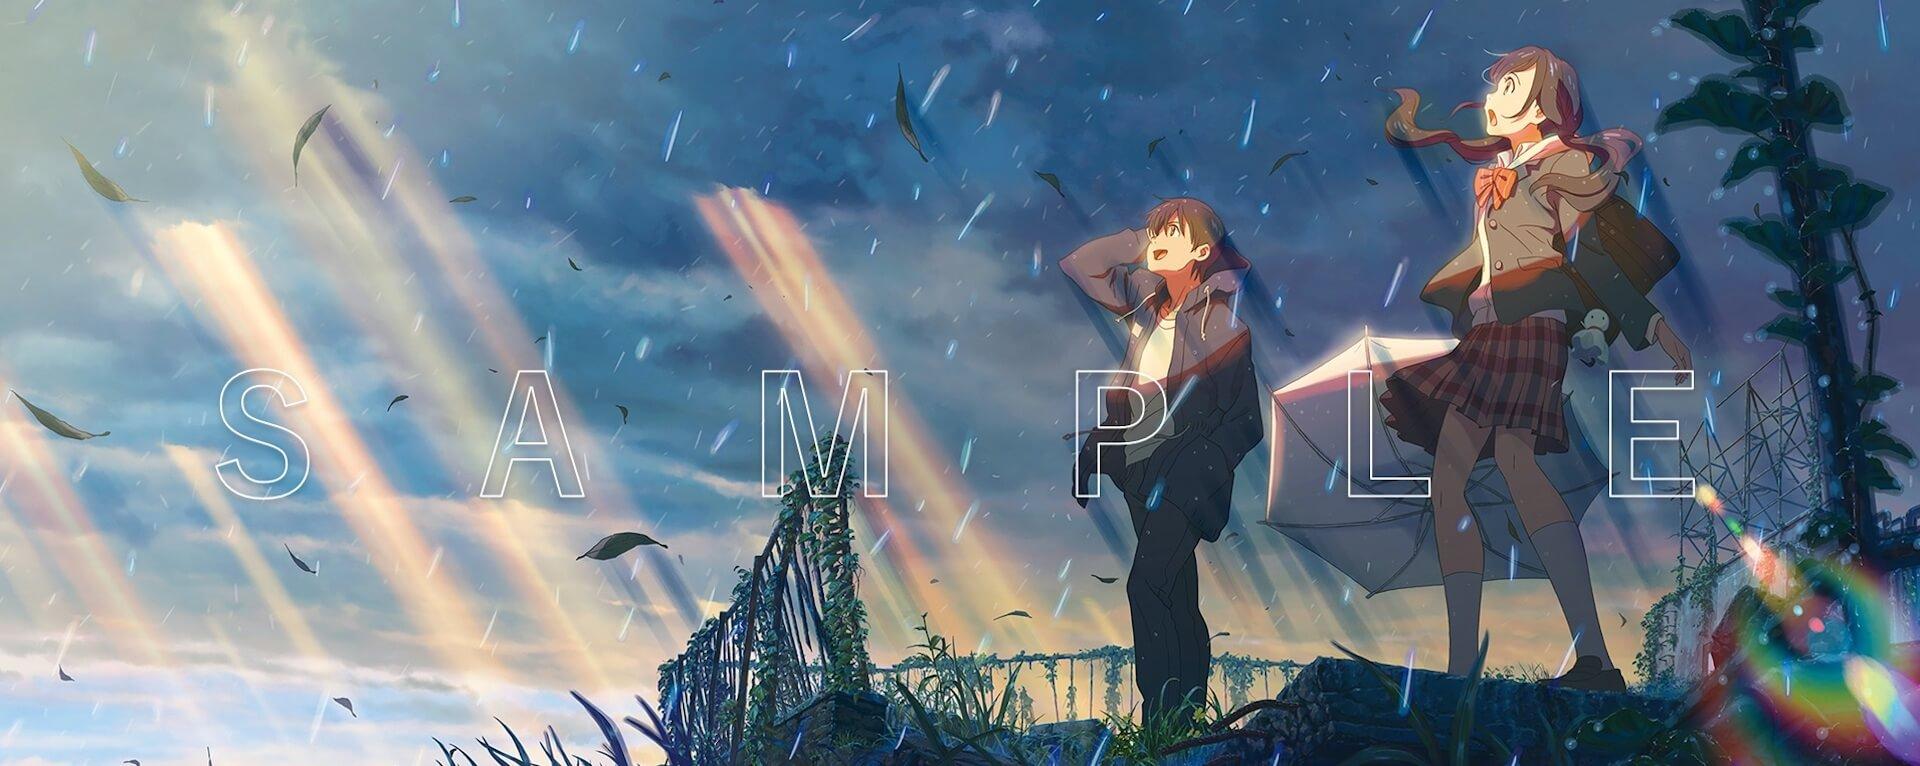 『天気の子』新海誠監督らスタッフによる、映画のその後を思わせるBlu-ray限定描き下ろしイラストが到着! film200303_tenkinoko_kakioroshi_01